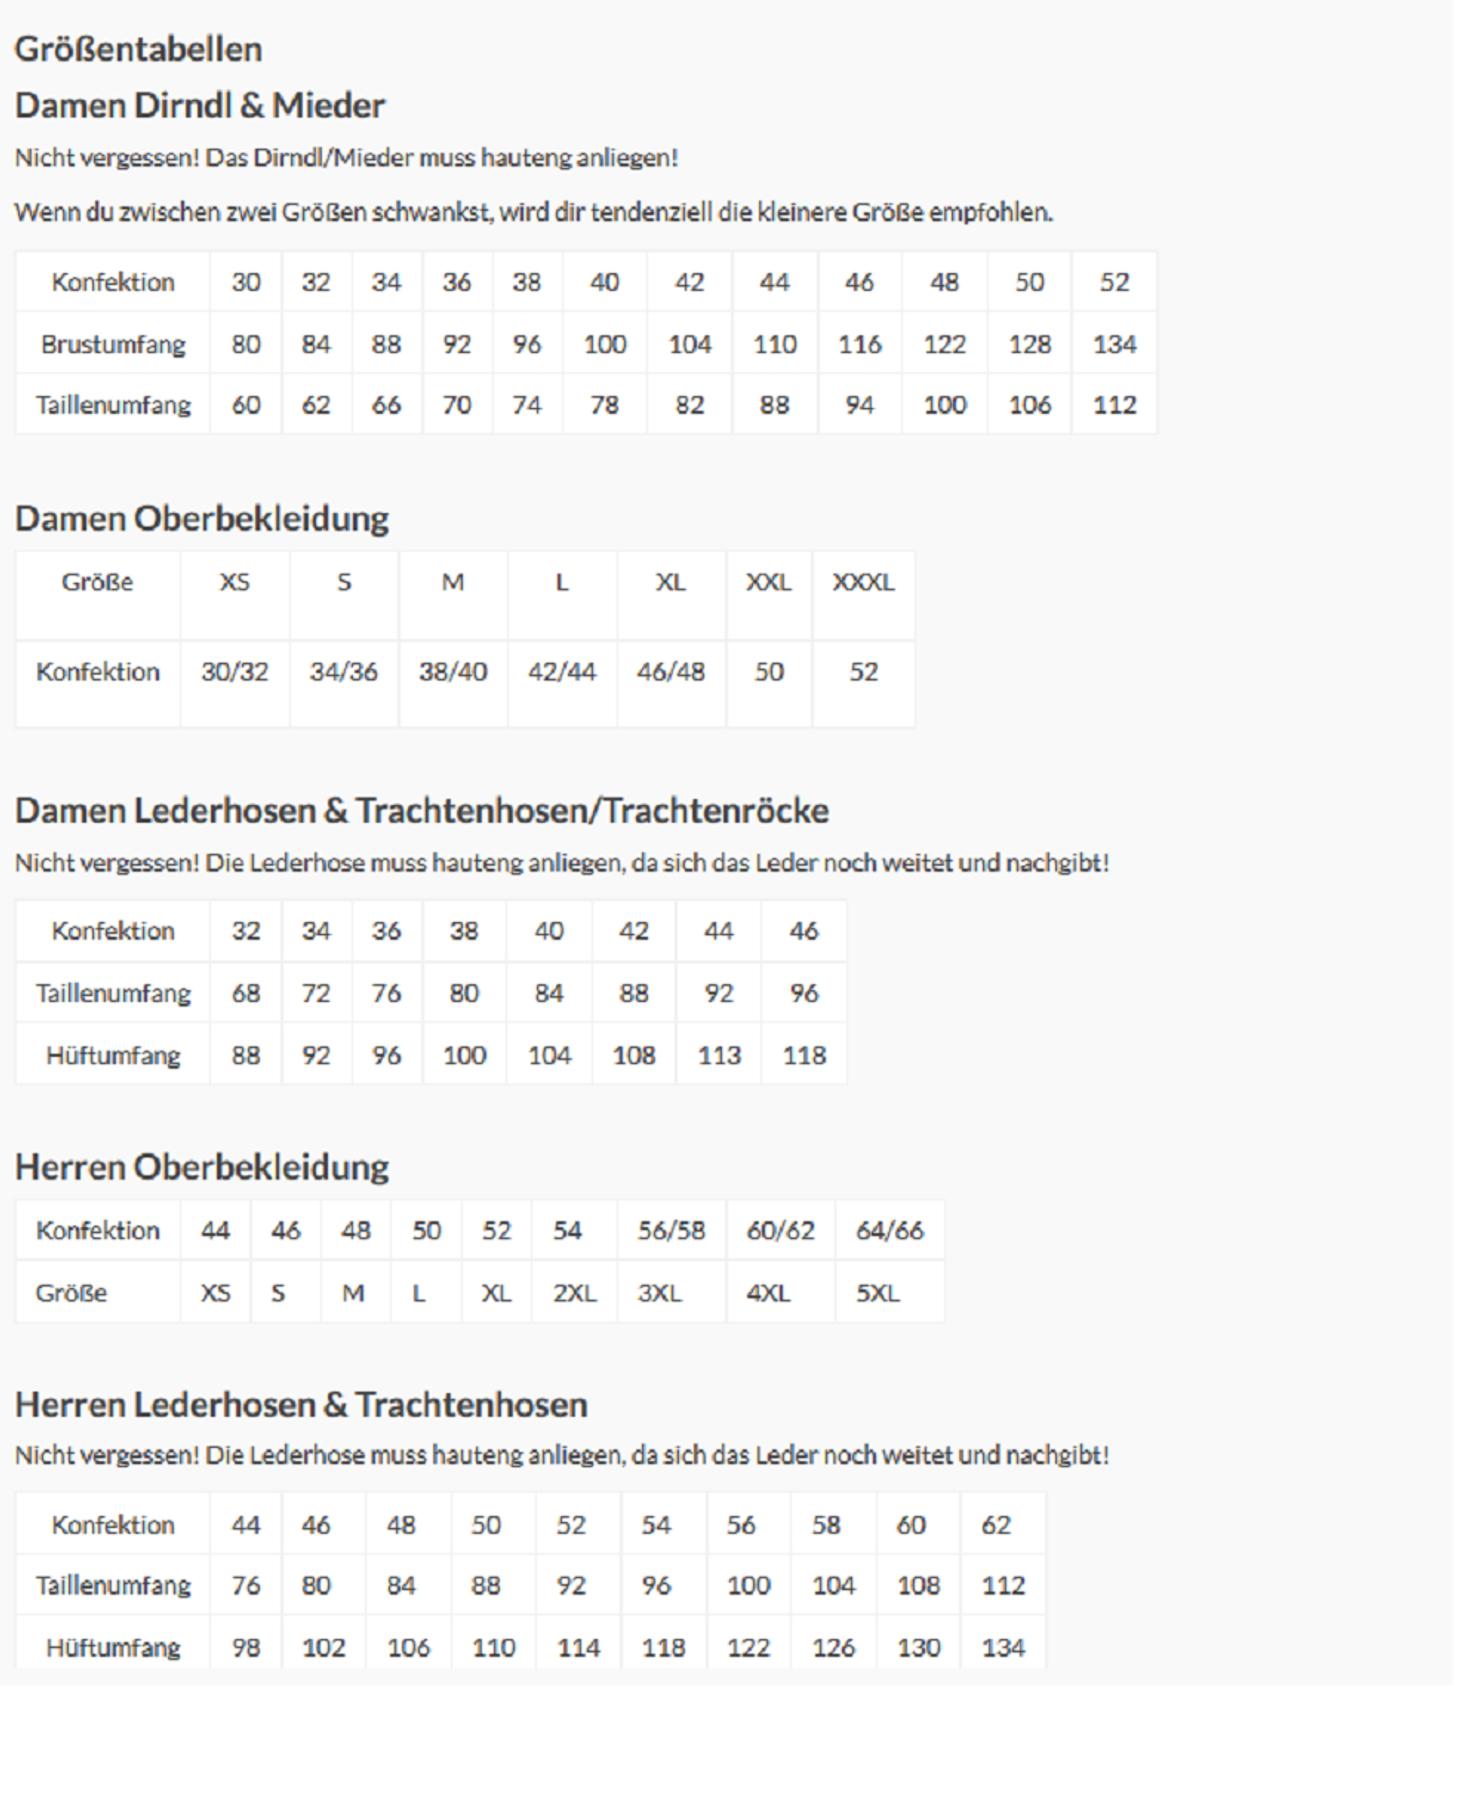 Krüger - Herren Lederhose in braun, Kraftbursche (94636-7) – Bild 7